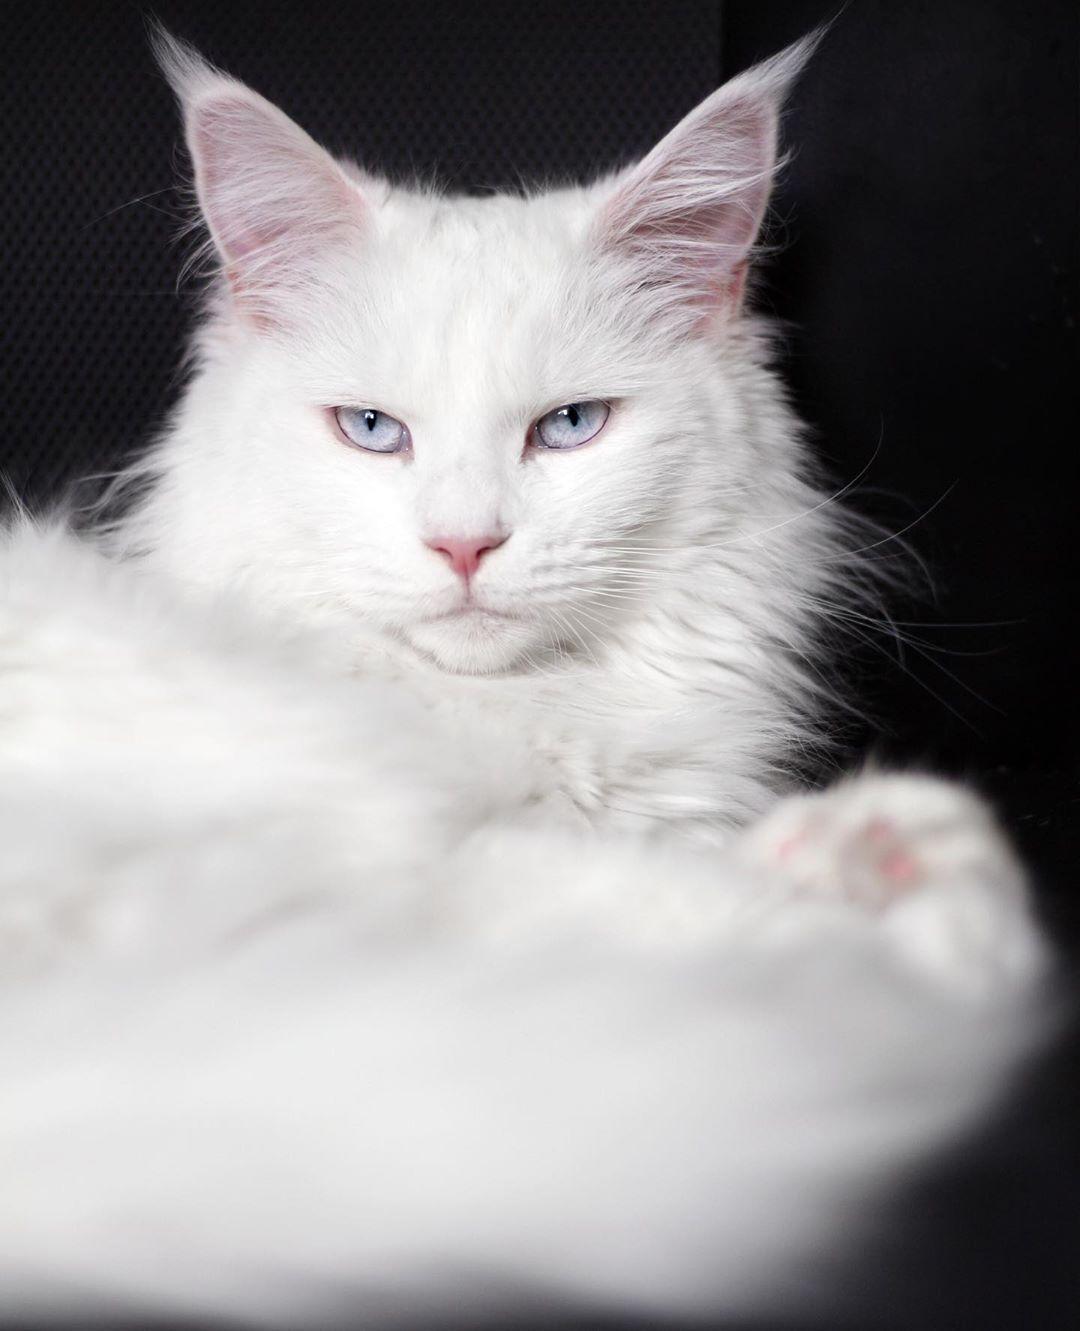 This Is My Serious Face Nala Balousfriends Bestcats Oftheworld Blueeyedcat Cat Catlover Catofinstagram Catphoto Cats Fea Hewan Lucu Hewan Lucu